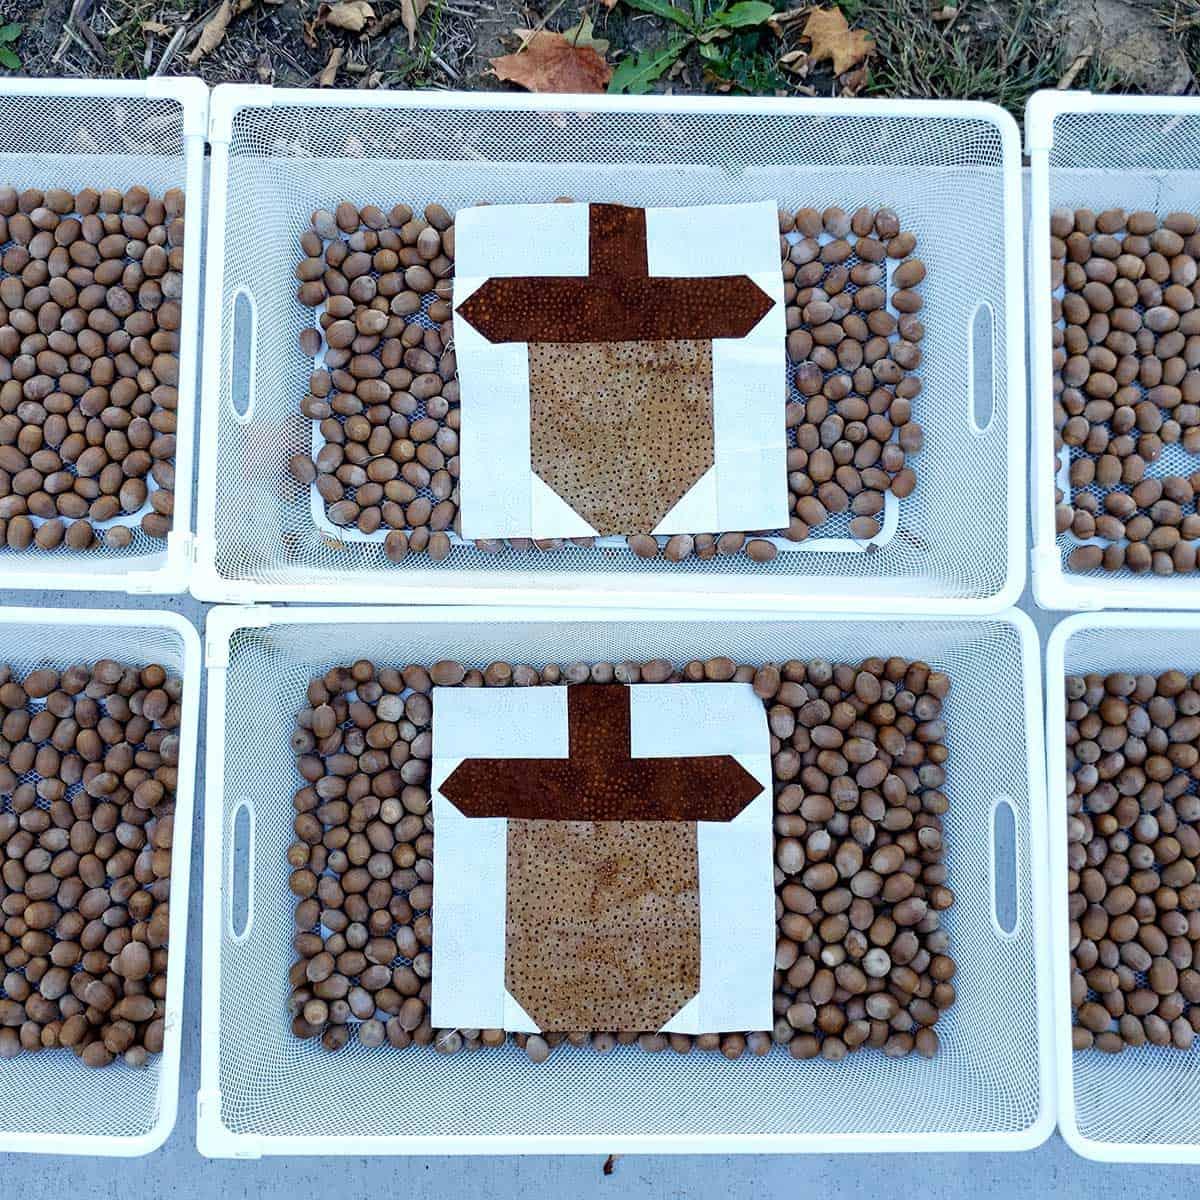 Acorn quilt blocks on real acorns